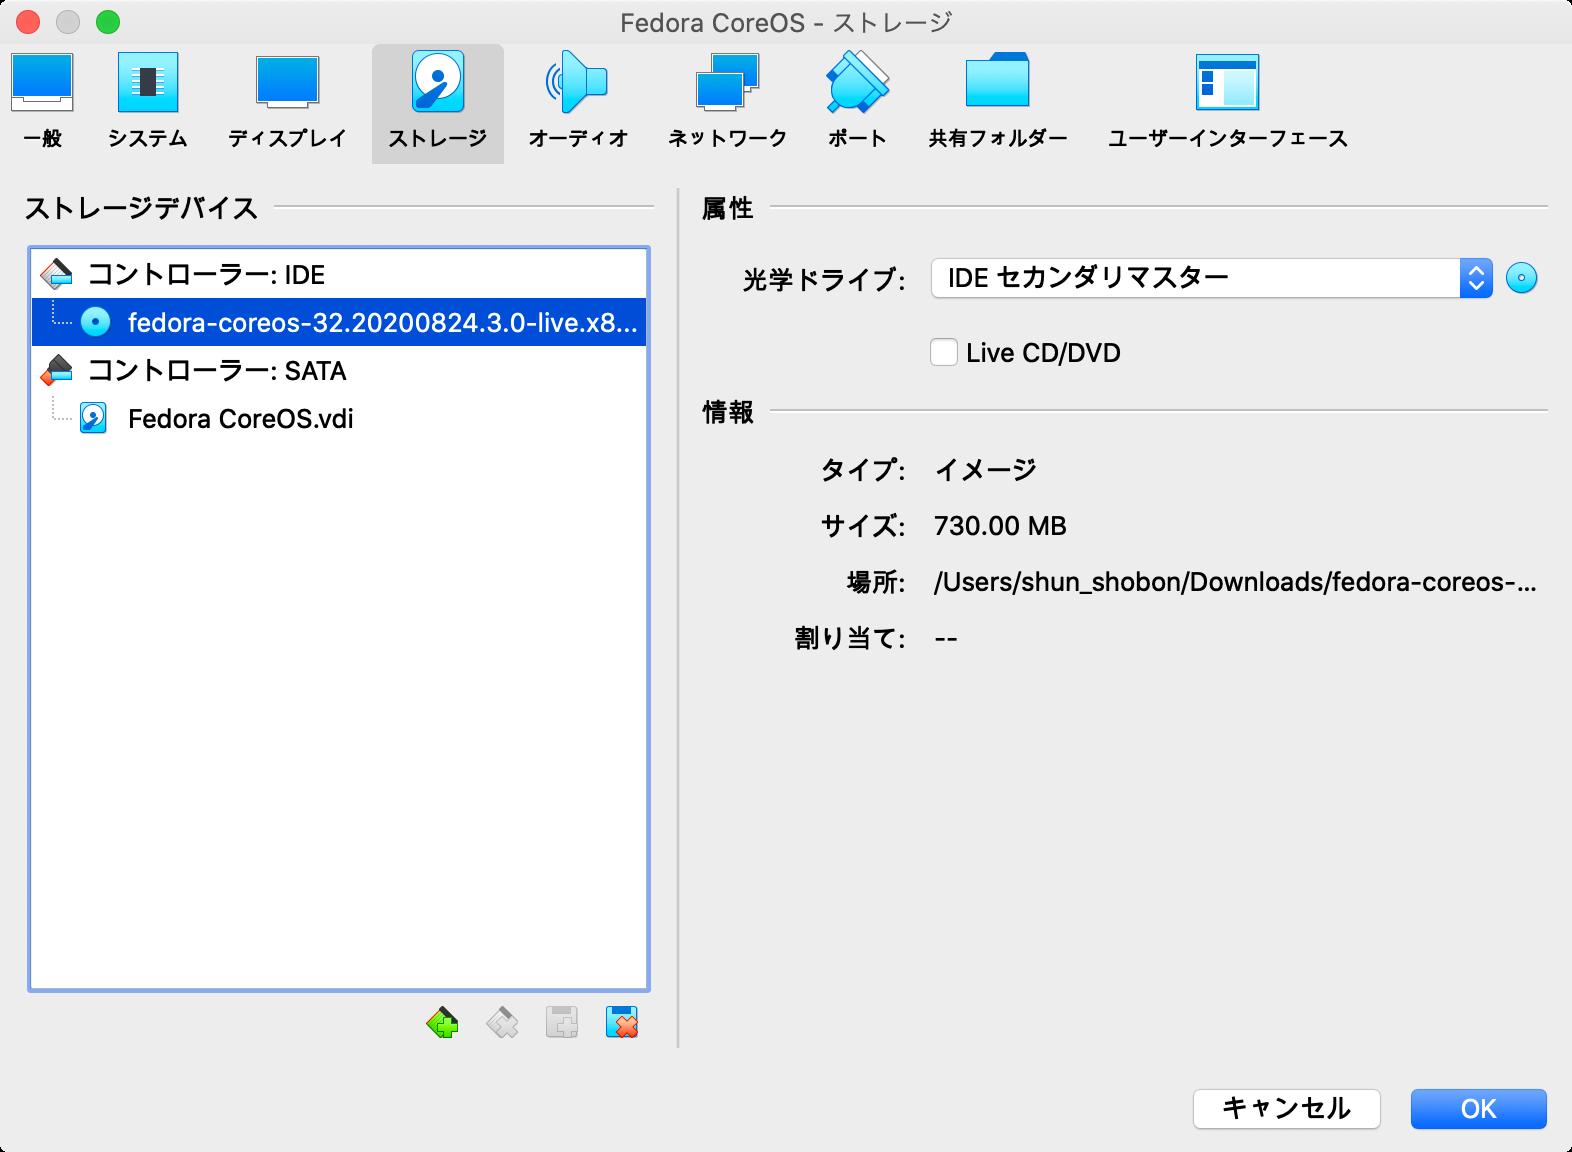 スクリーンショット 2020-09-14 18.10.33.png